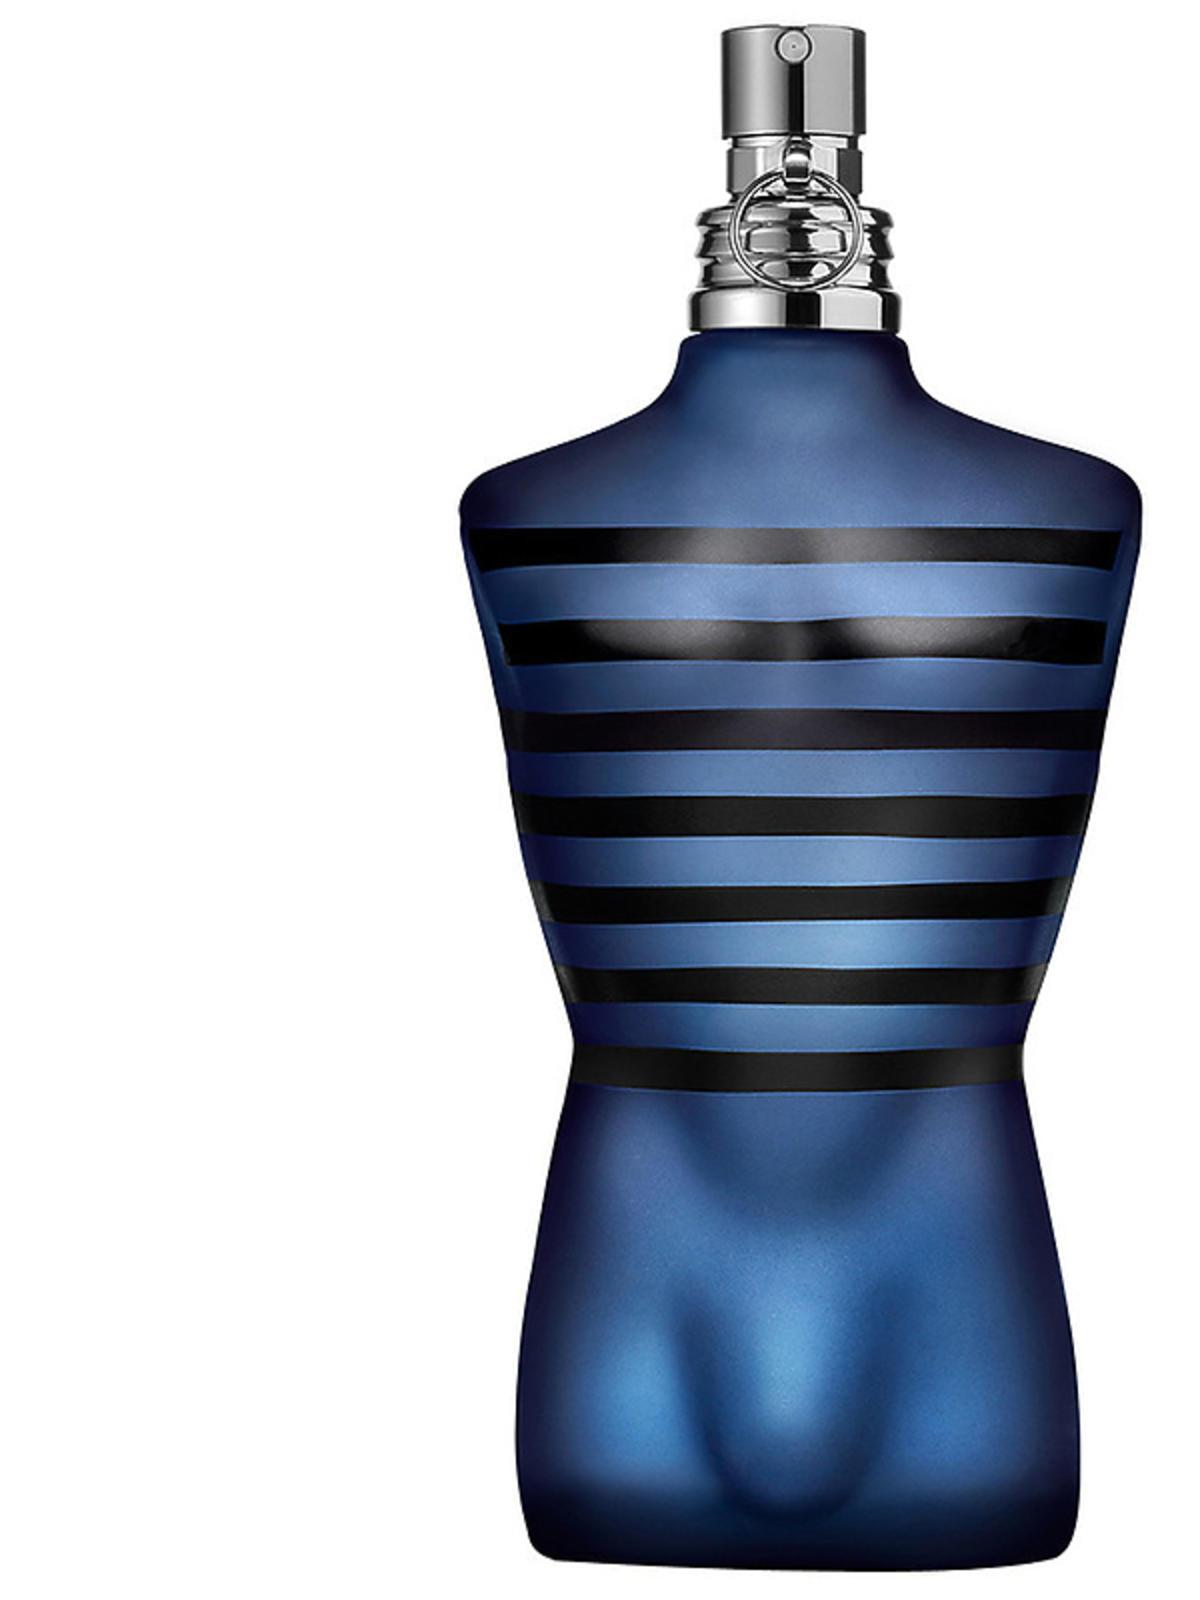 Perfumy - prezent na święta 2016 dla niego: Jean Paul Gaultier Le Male Ultra Male Intense, EDT